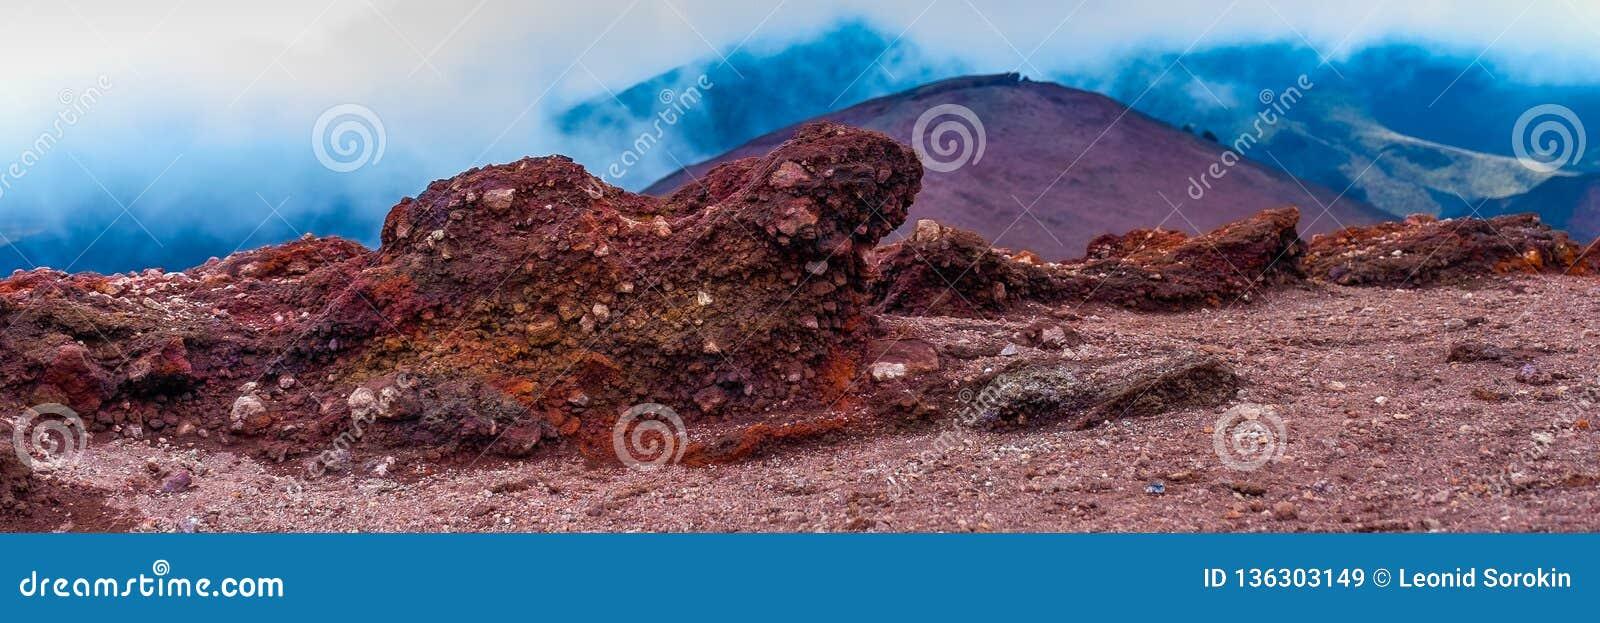 在Etna火山倾斜的石头  发现与它的贫瘠风景和熔岩石头的火山Etna